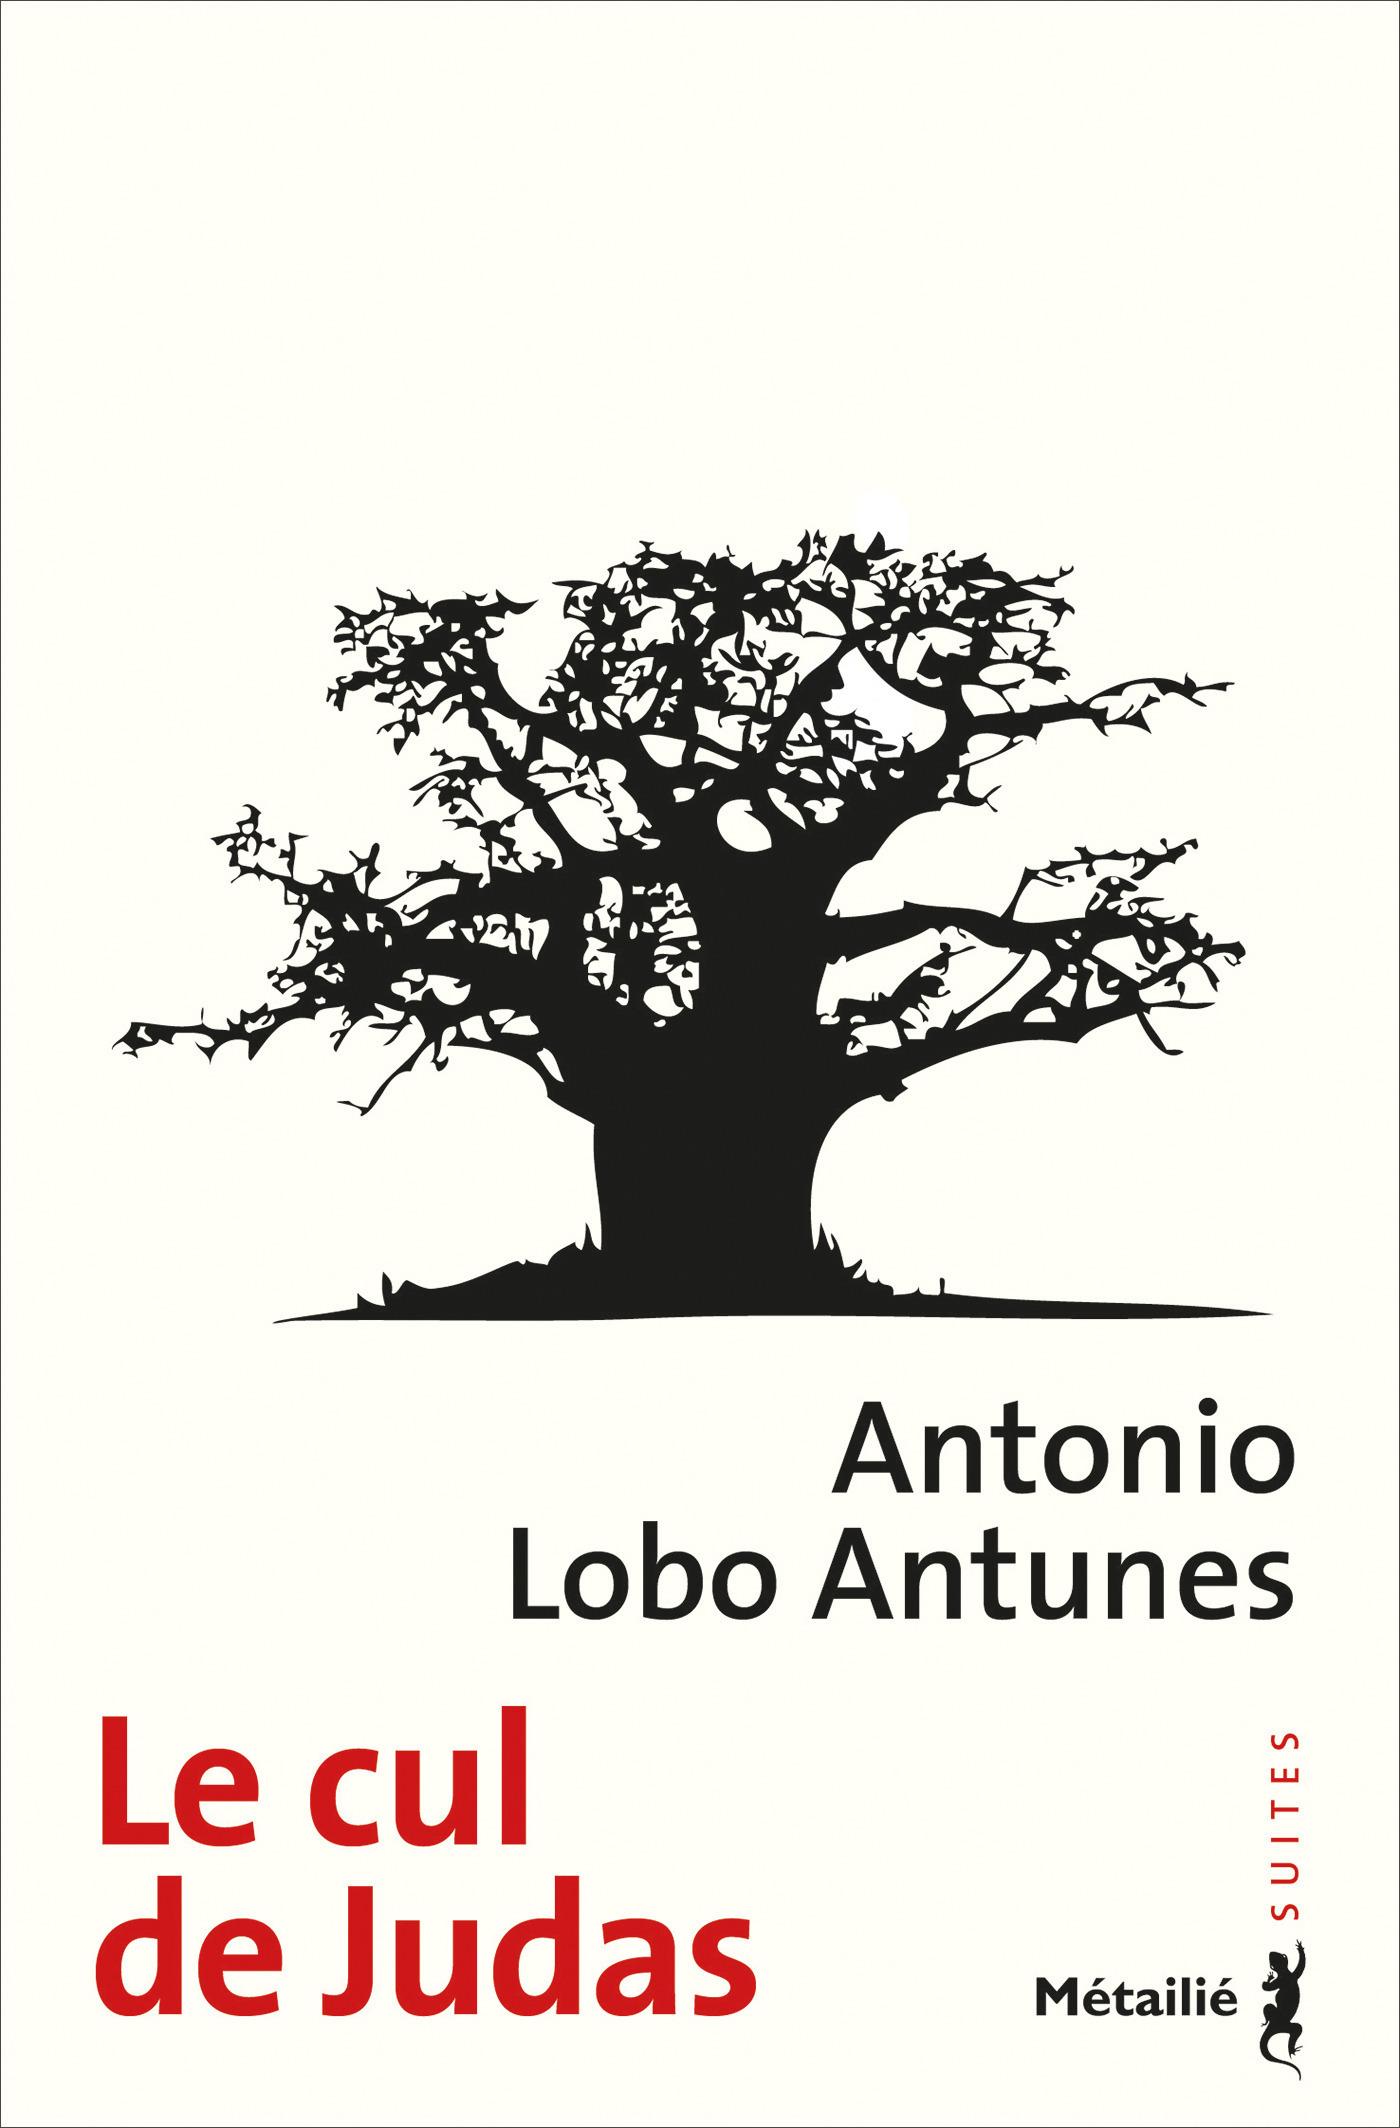 Antonio Lobo Antunes Le Cul de Judas